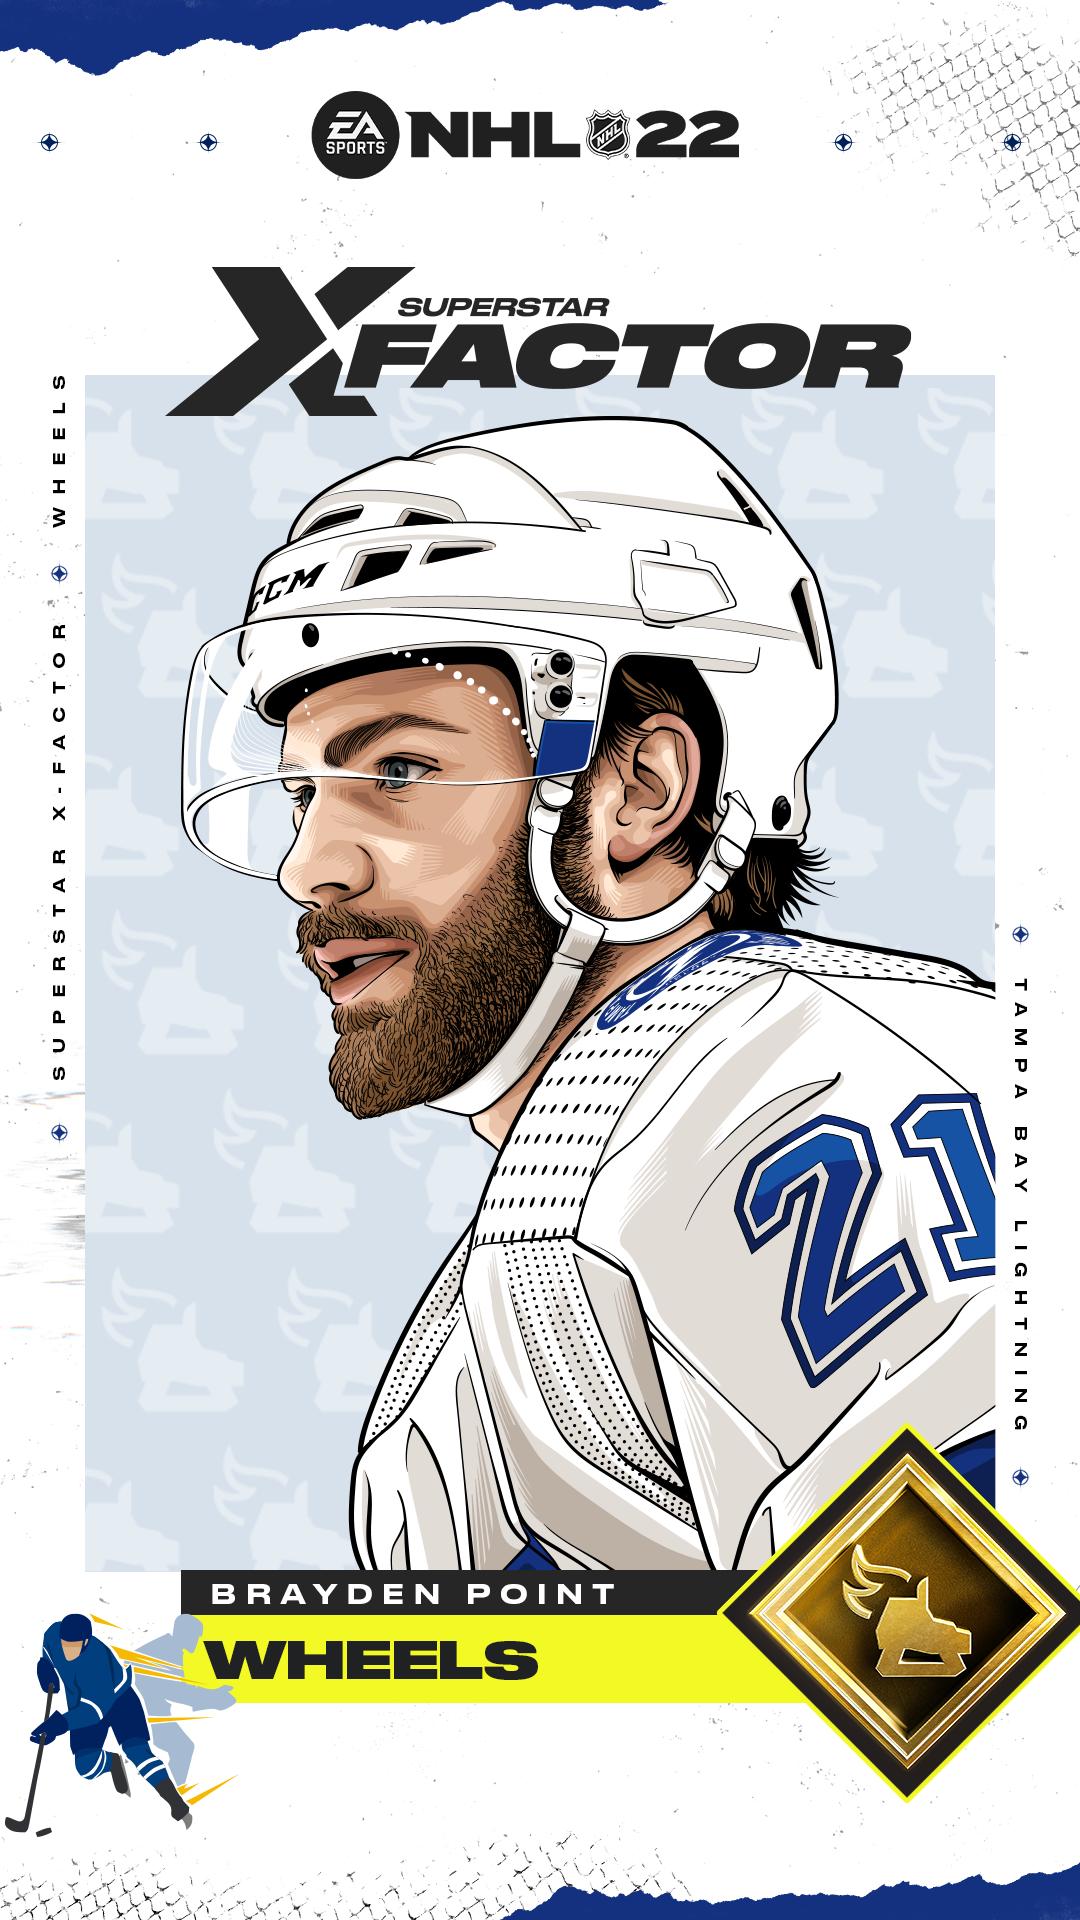 NHL22_XFactor_BraydenPoint_9x16